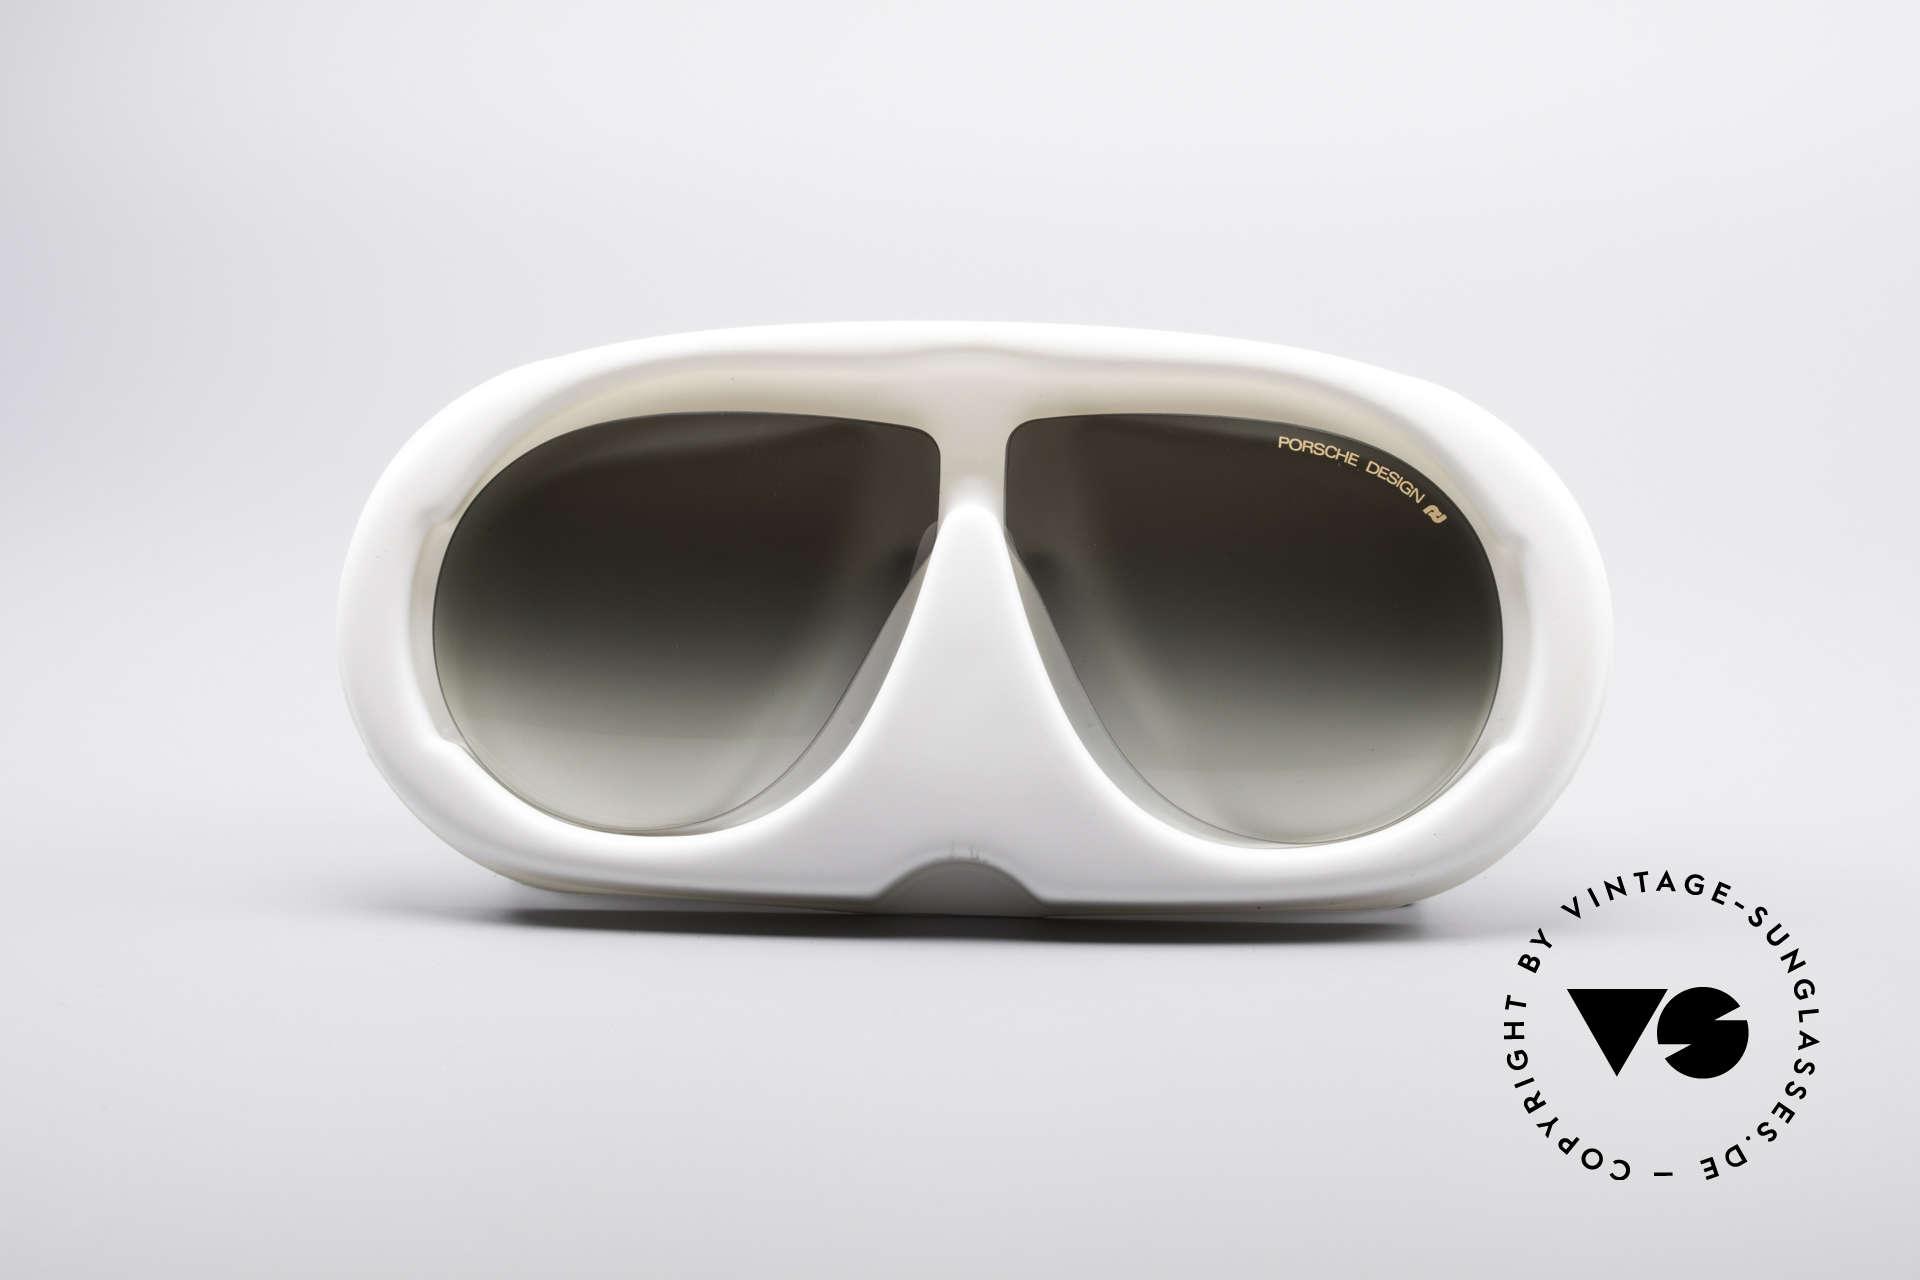 Porsche 5628 Lenses 80's Folding Sunglasses, sun lenses for the old Porsche 5628 folding shades, Made for Men